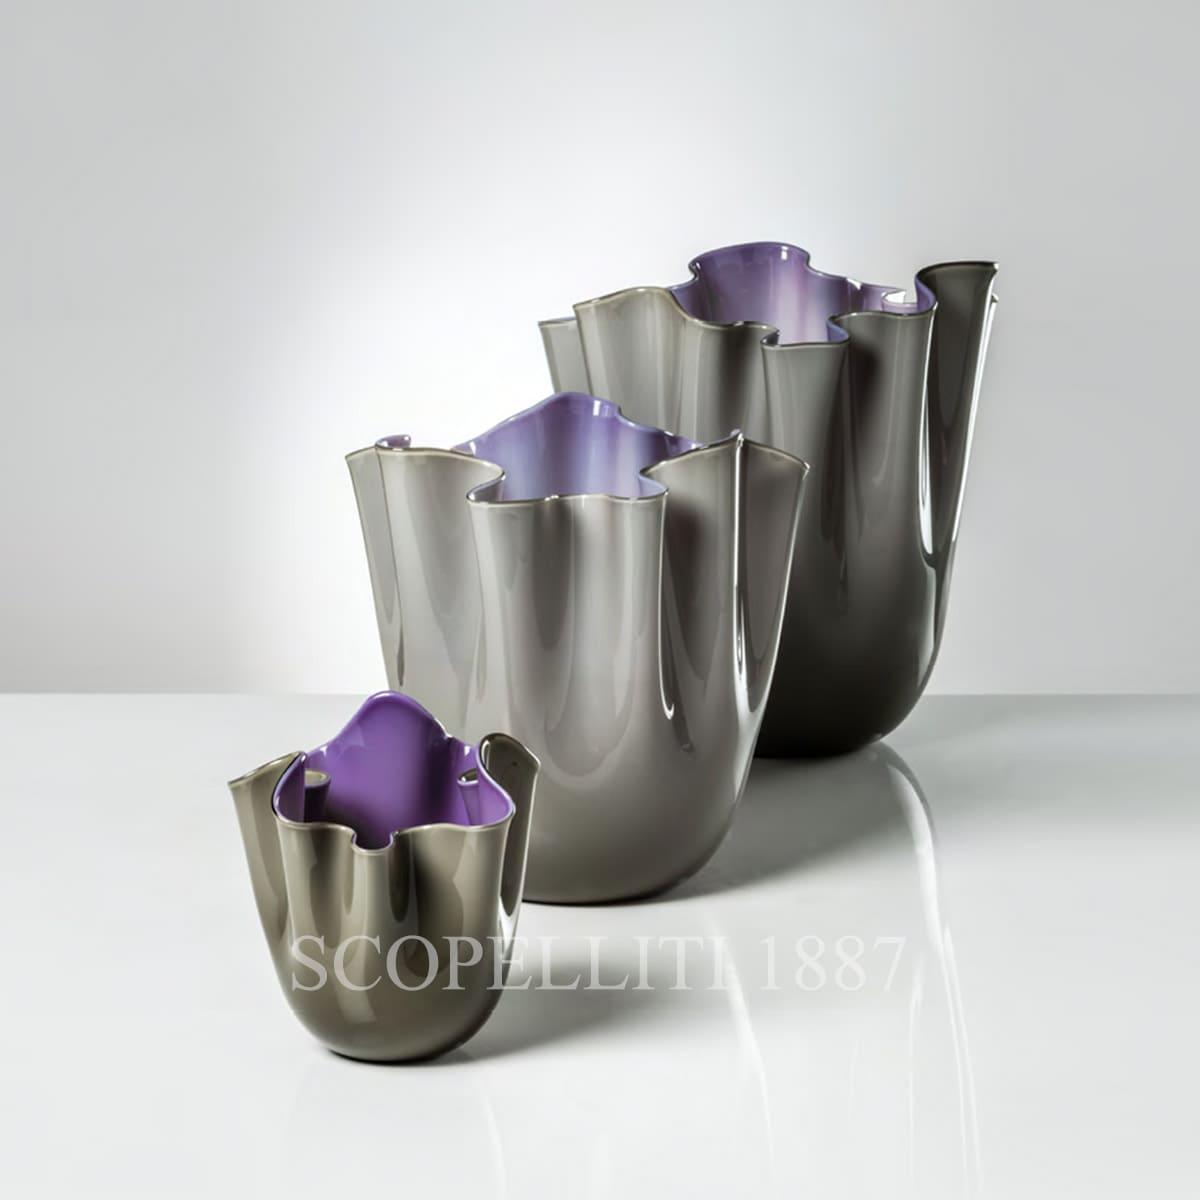 venini fazzoletto grey indigo vase murano glass